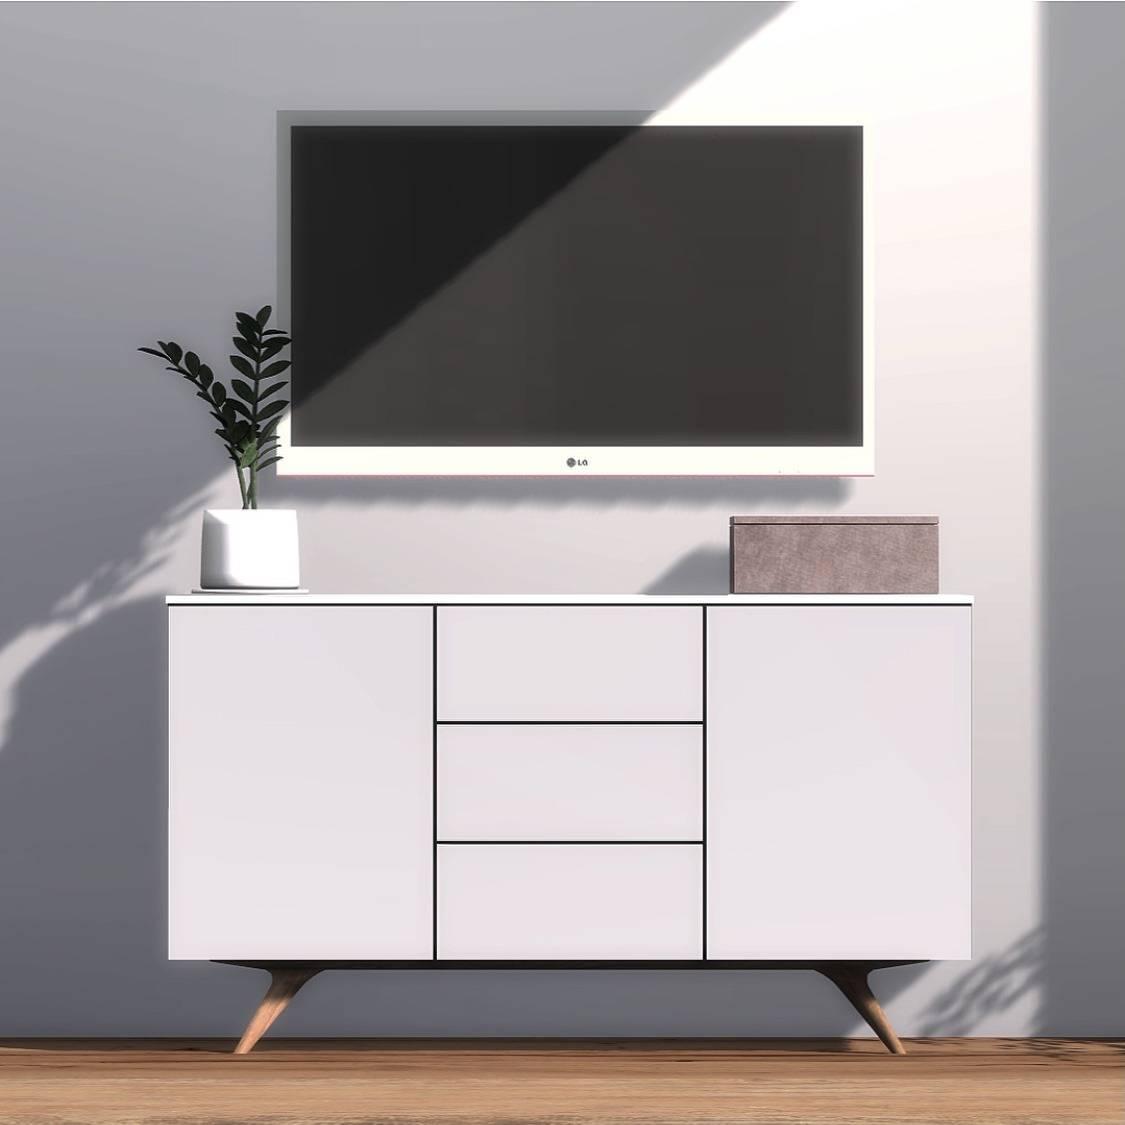 Декоративный стол и коробка - Arctic Sideboard And Velvet Box